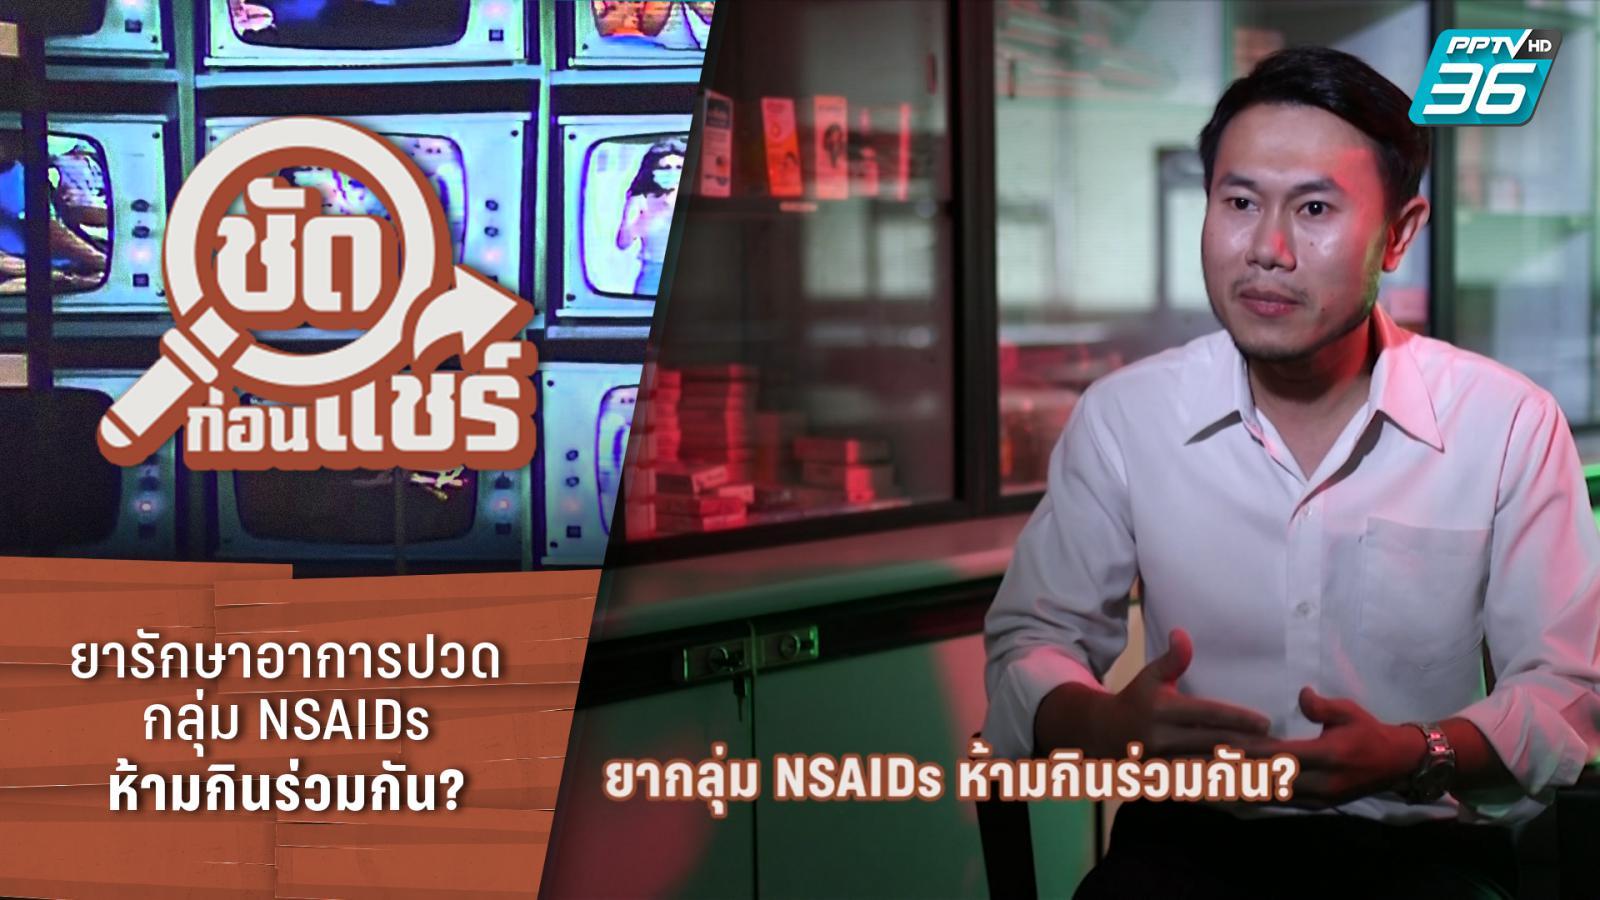 ชัดก่อนแชร์ | ยารักษาอาการปวดกลุ่ม NSAIDs ห้ามกินร่วมกัน? | PPTV HD 36